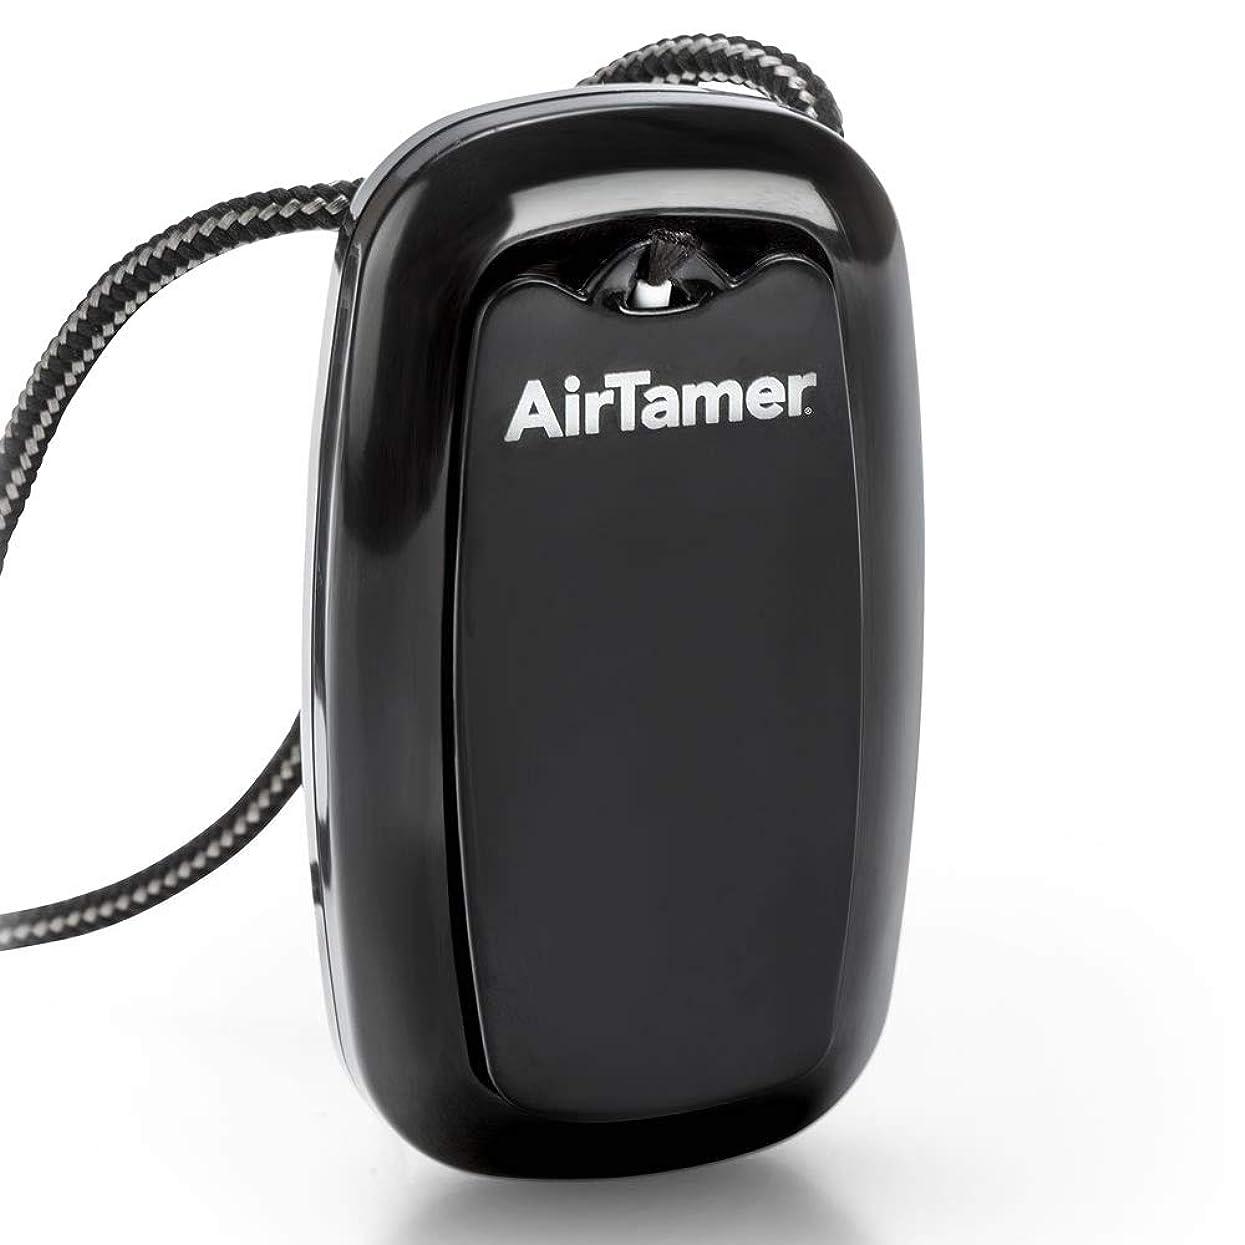 ディスパッチ押し下げるラフトタバコの副流煙対策に USB 携帯型 首掛け式 空気清浄機 イオン発生器 エアー テイマー G ブラック (ATMR-7-B)